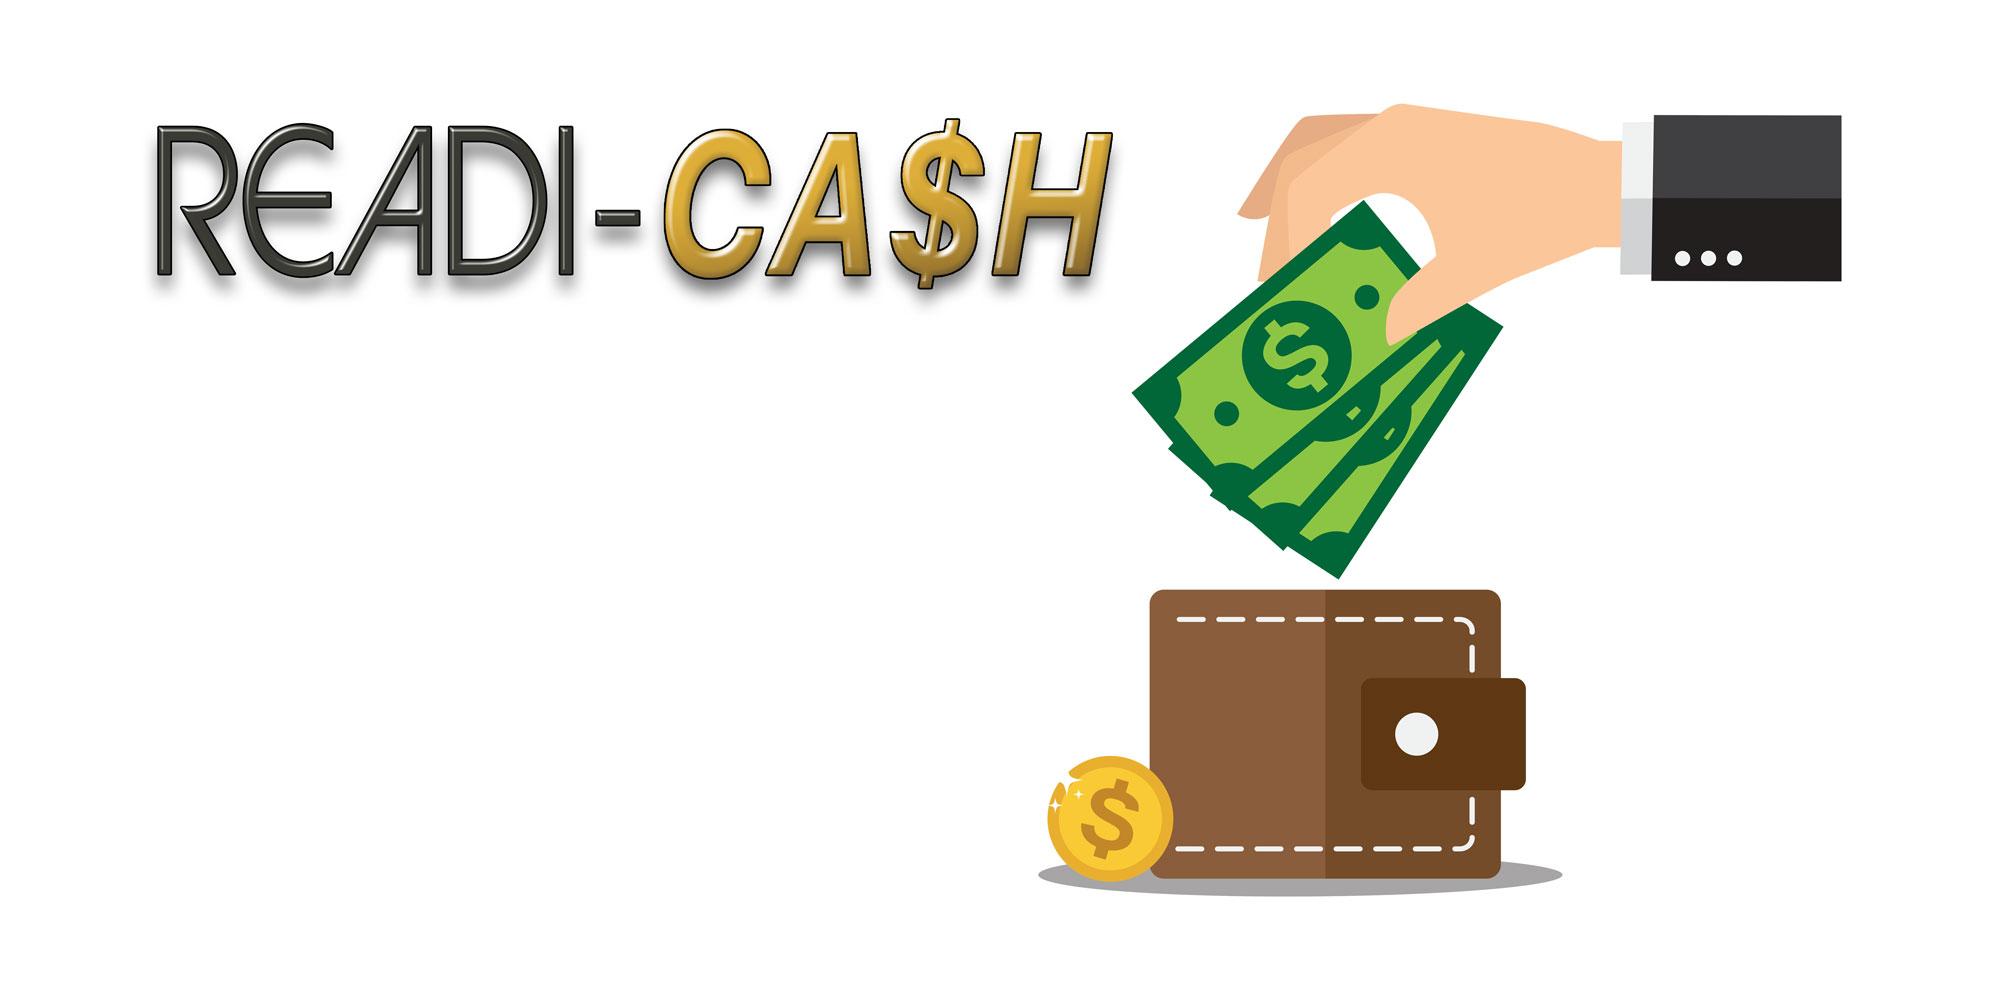 Readi-cash